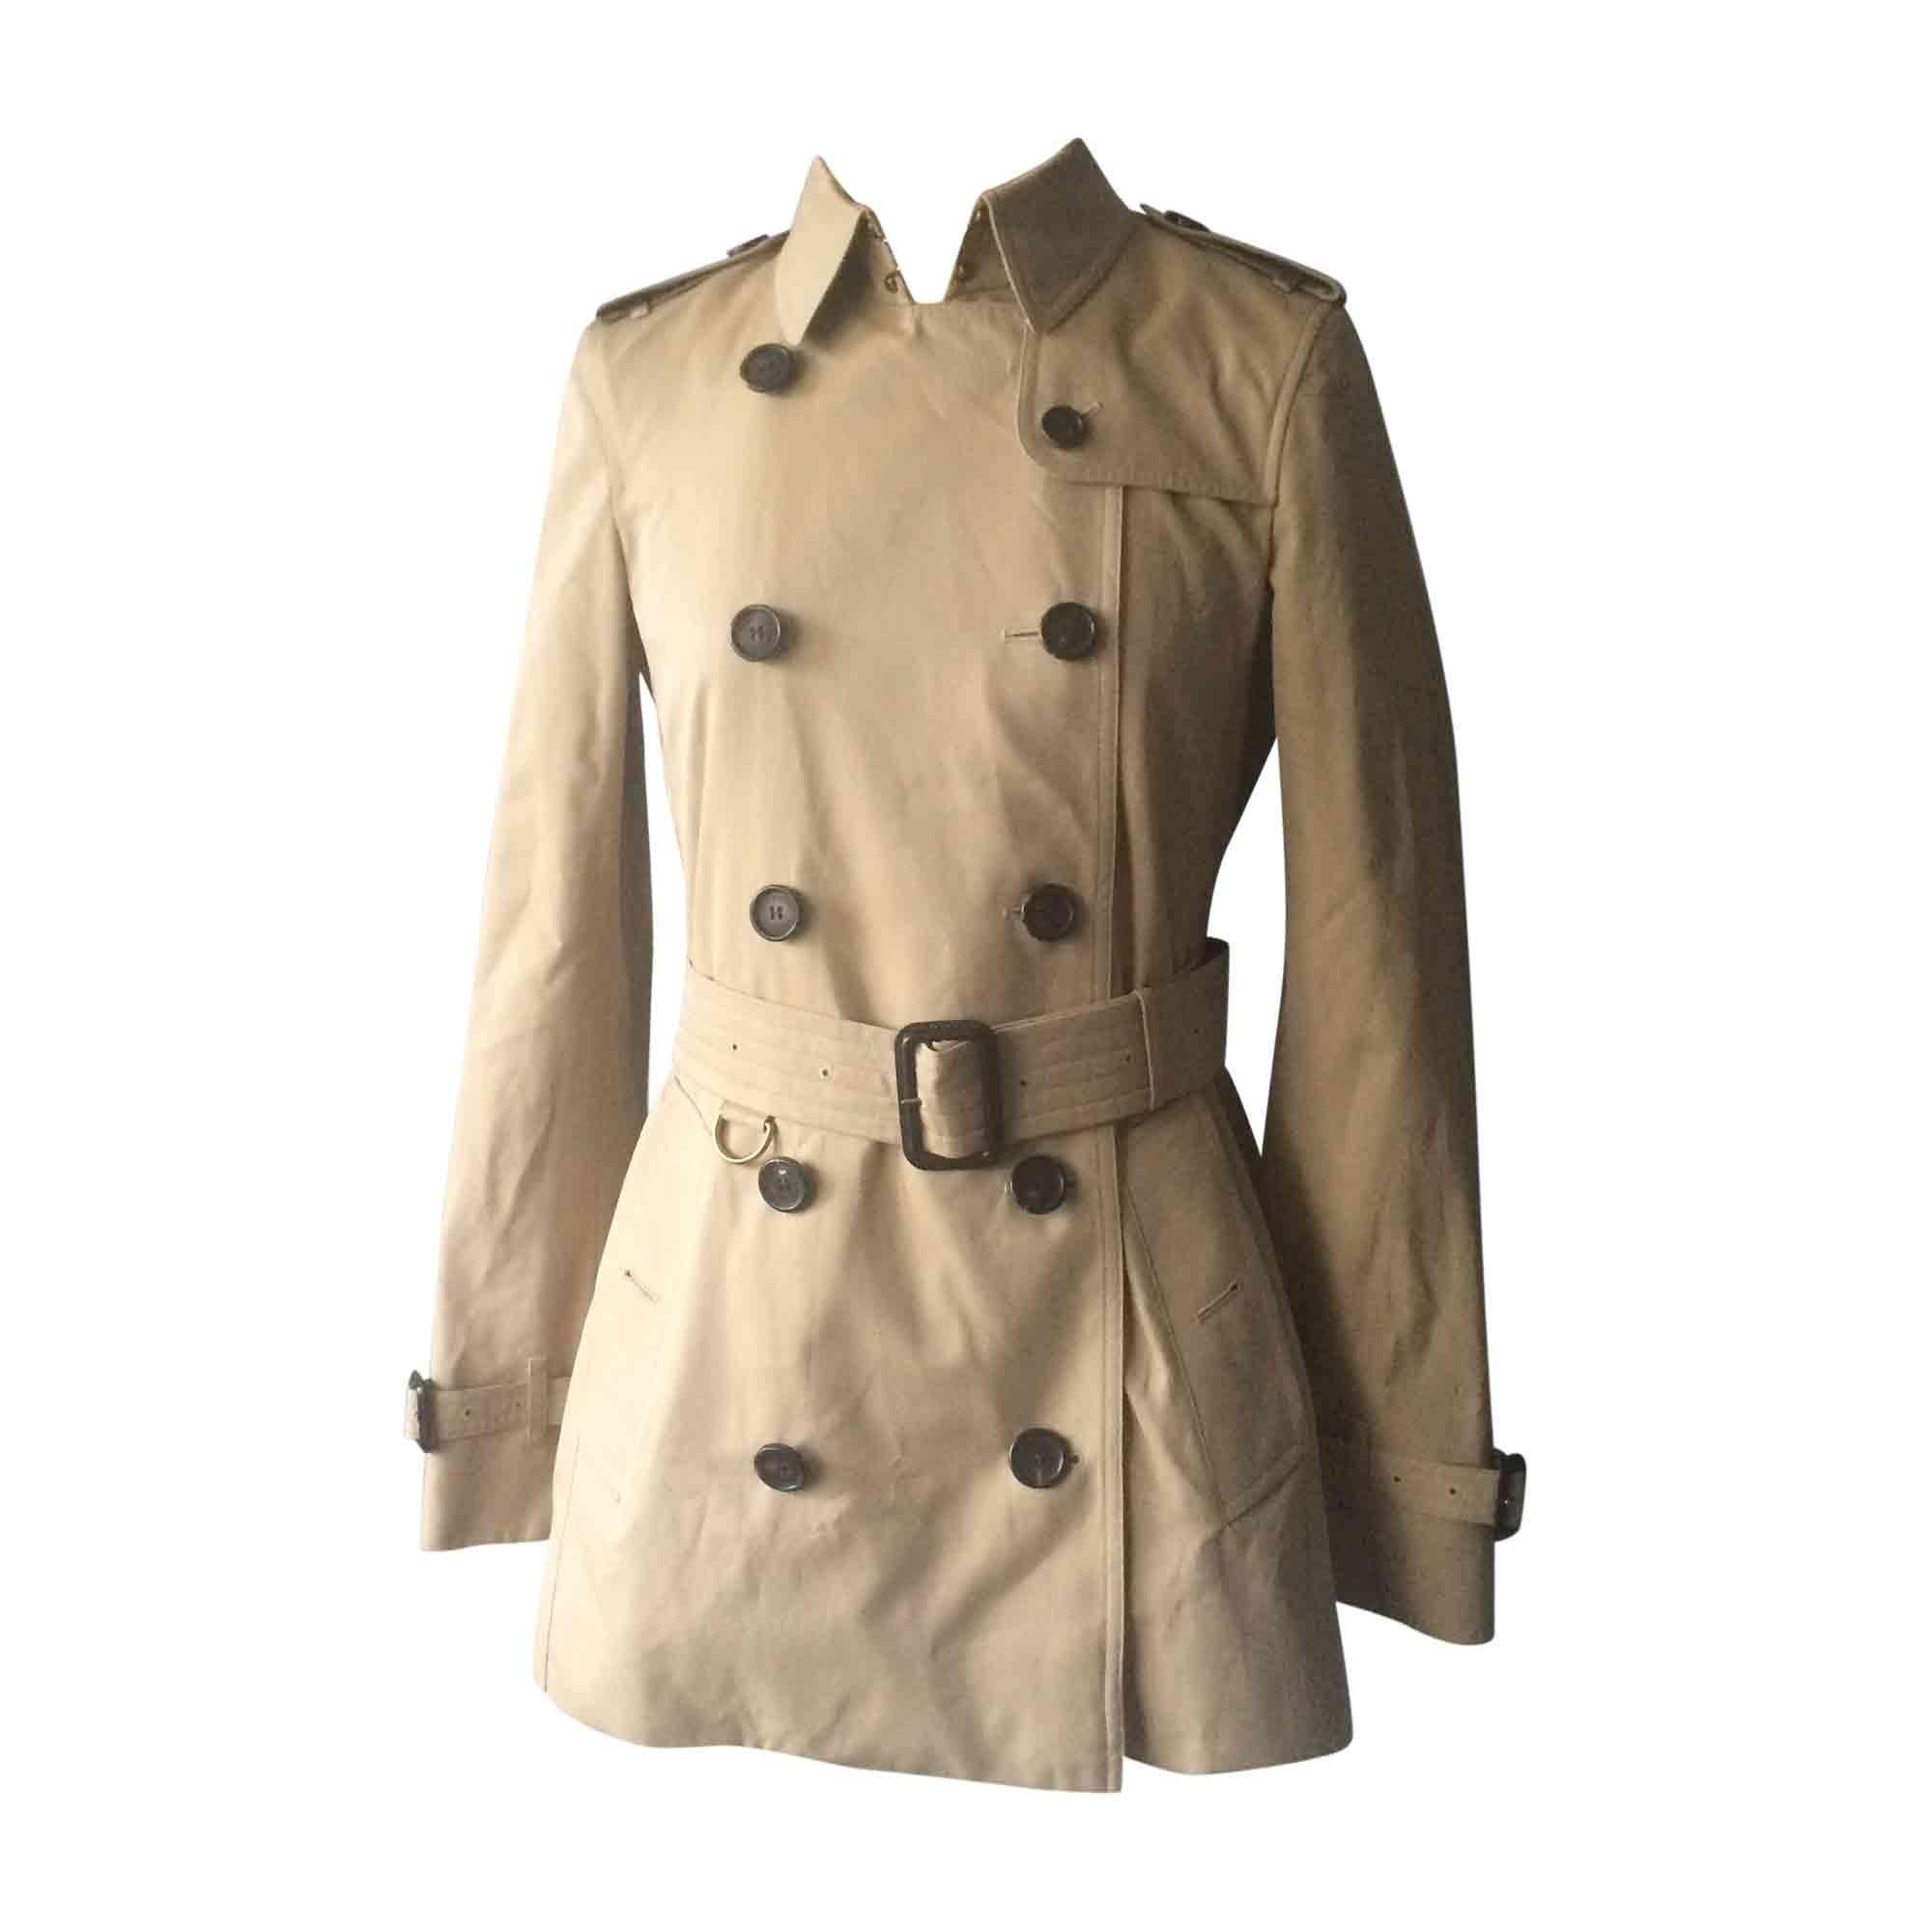 Imperméable, trench BURBERRY 36 (S, T1) beige vendu par Jimmy 156 ... 73c3dd76af8